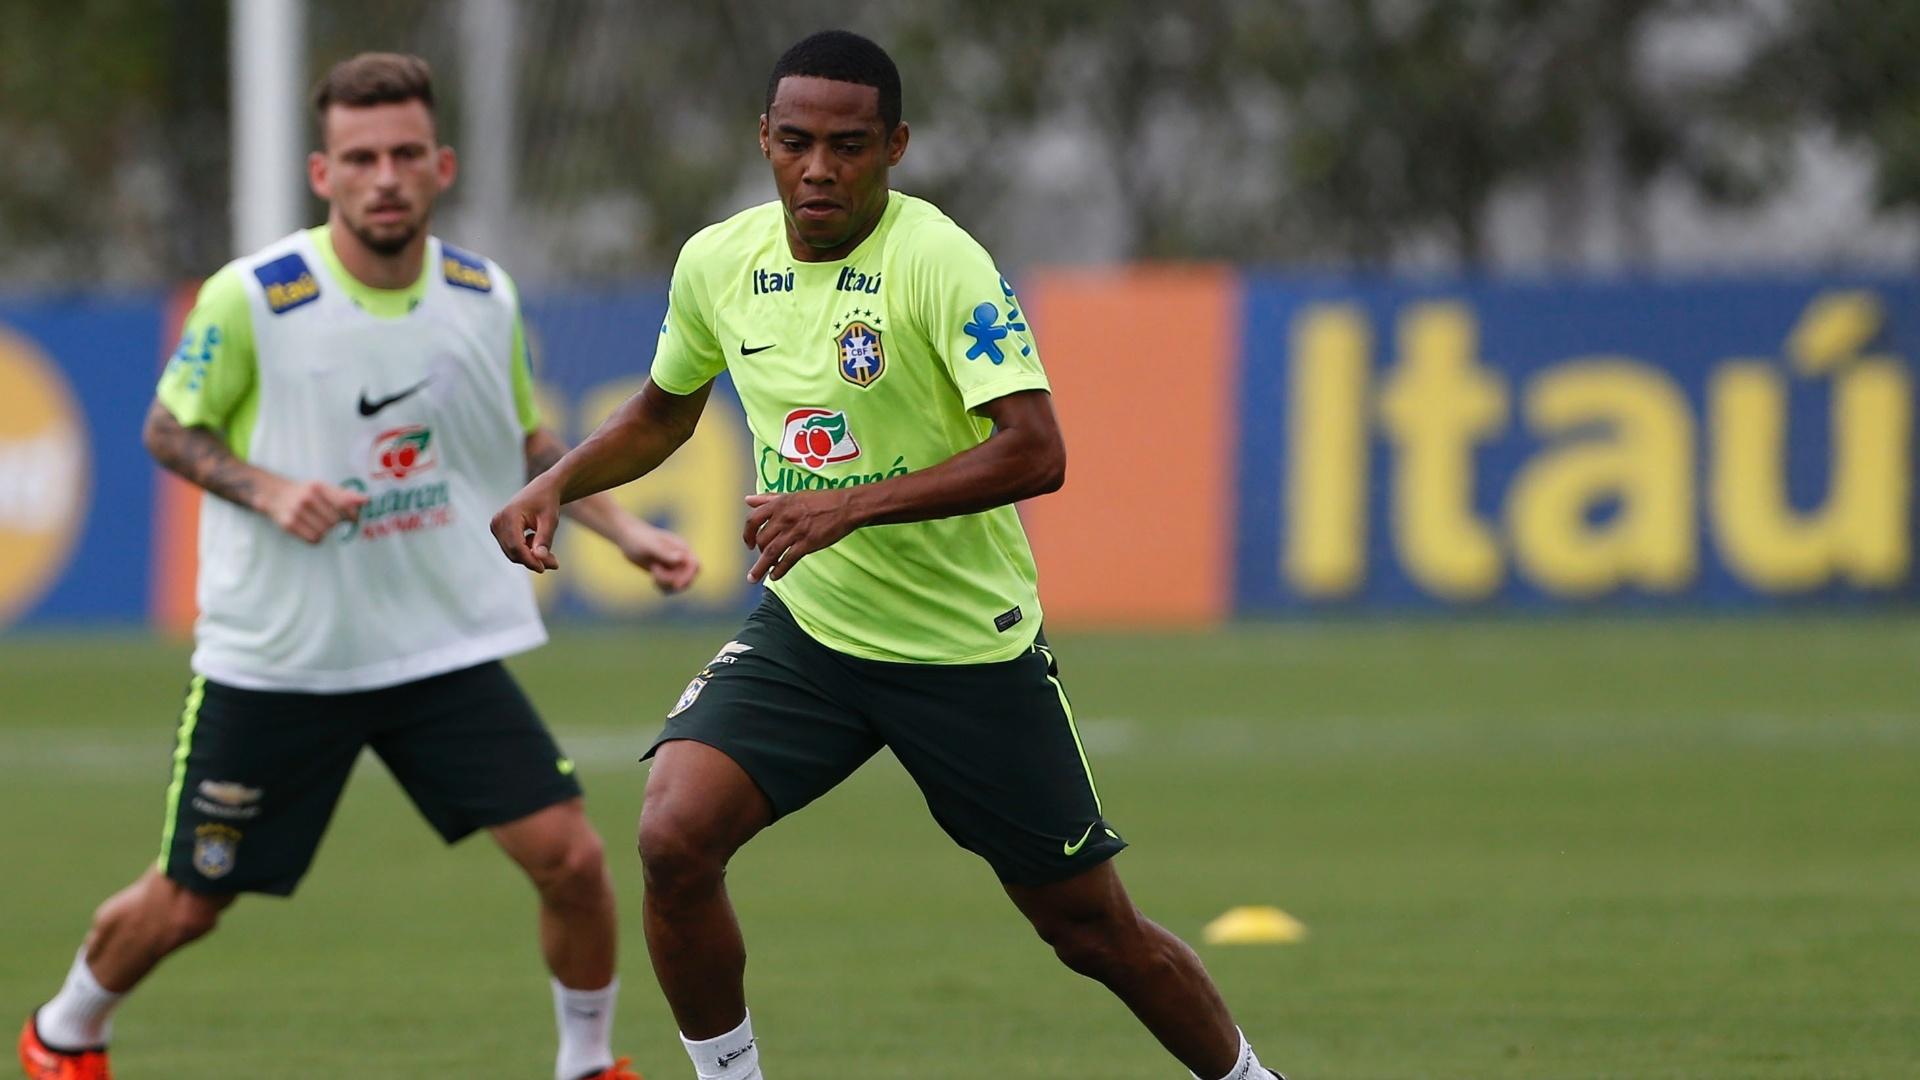 Observado por Lucas Lima, Elias treina com a seleção brasileira no CT do Corinthians